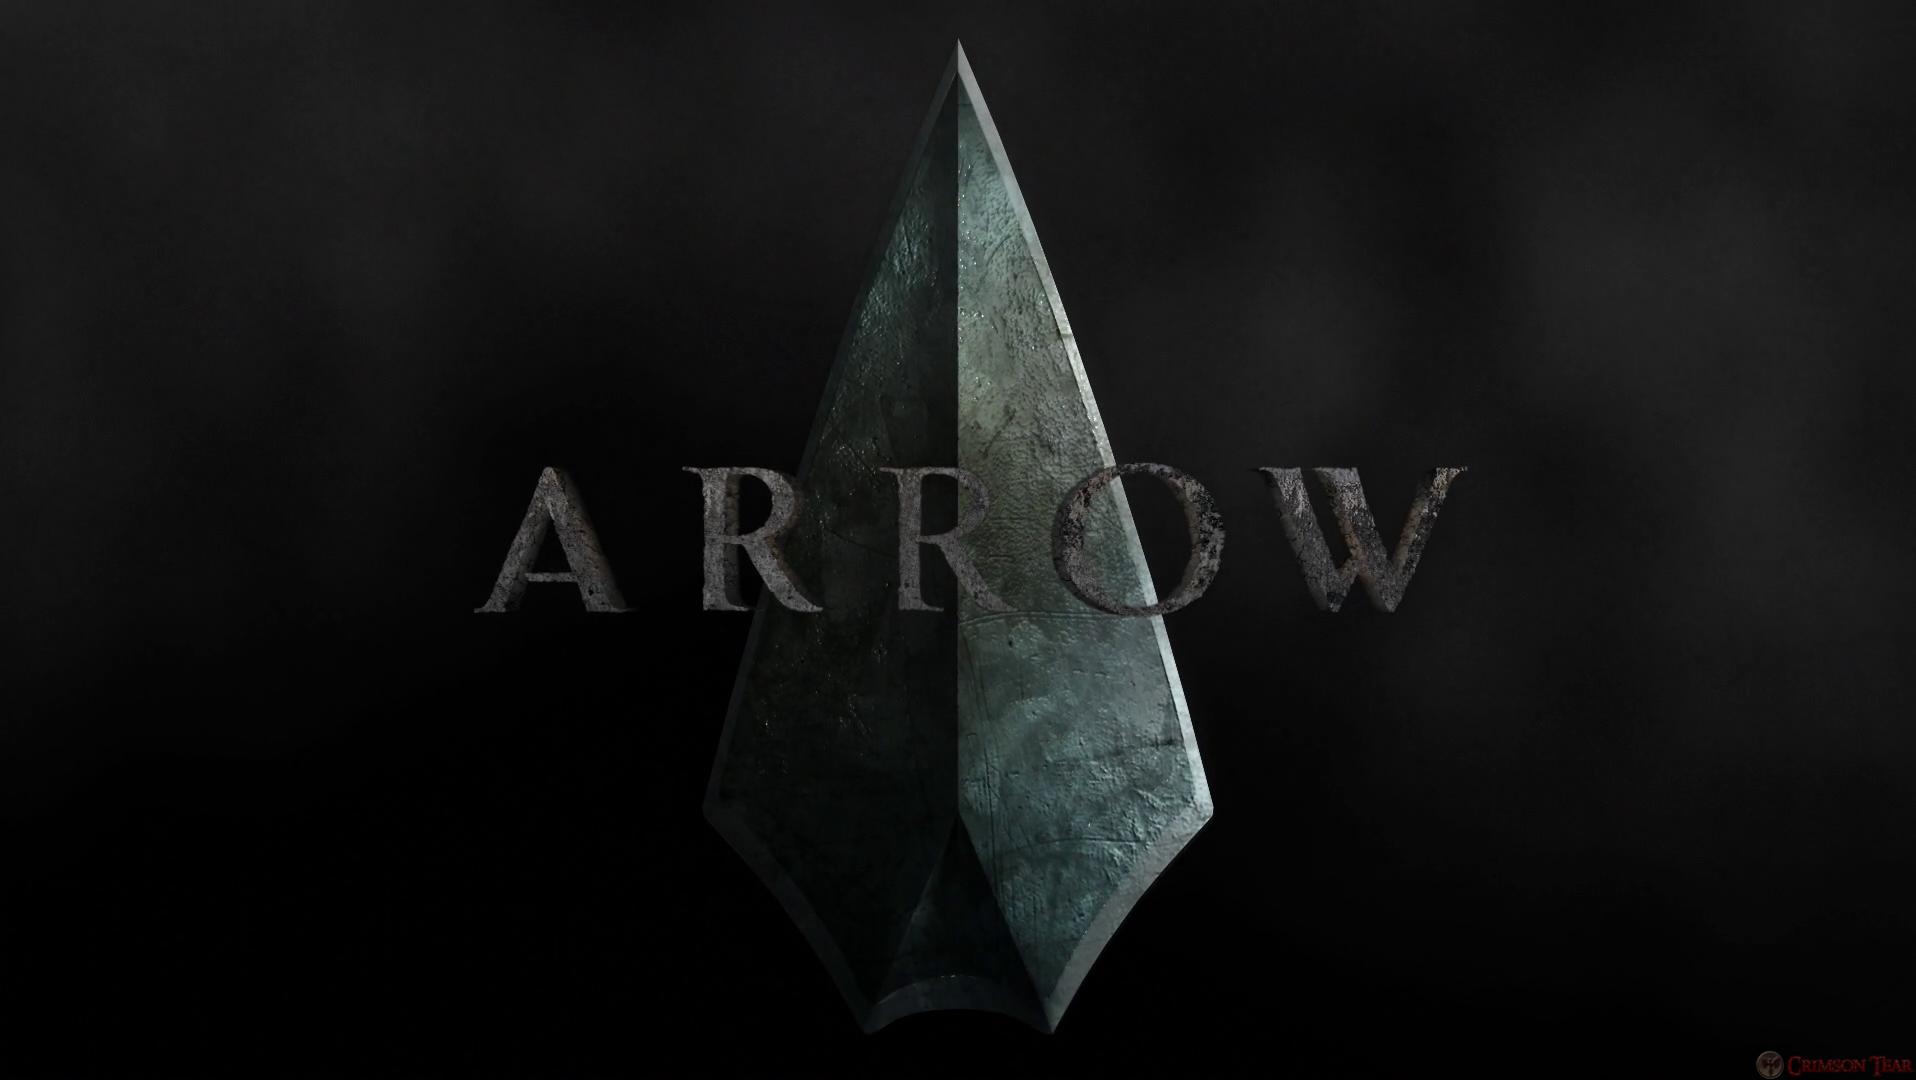 Arrow Season 2 Tv Series Wallpaper Arrow season 2 1916x1080